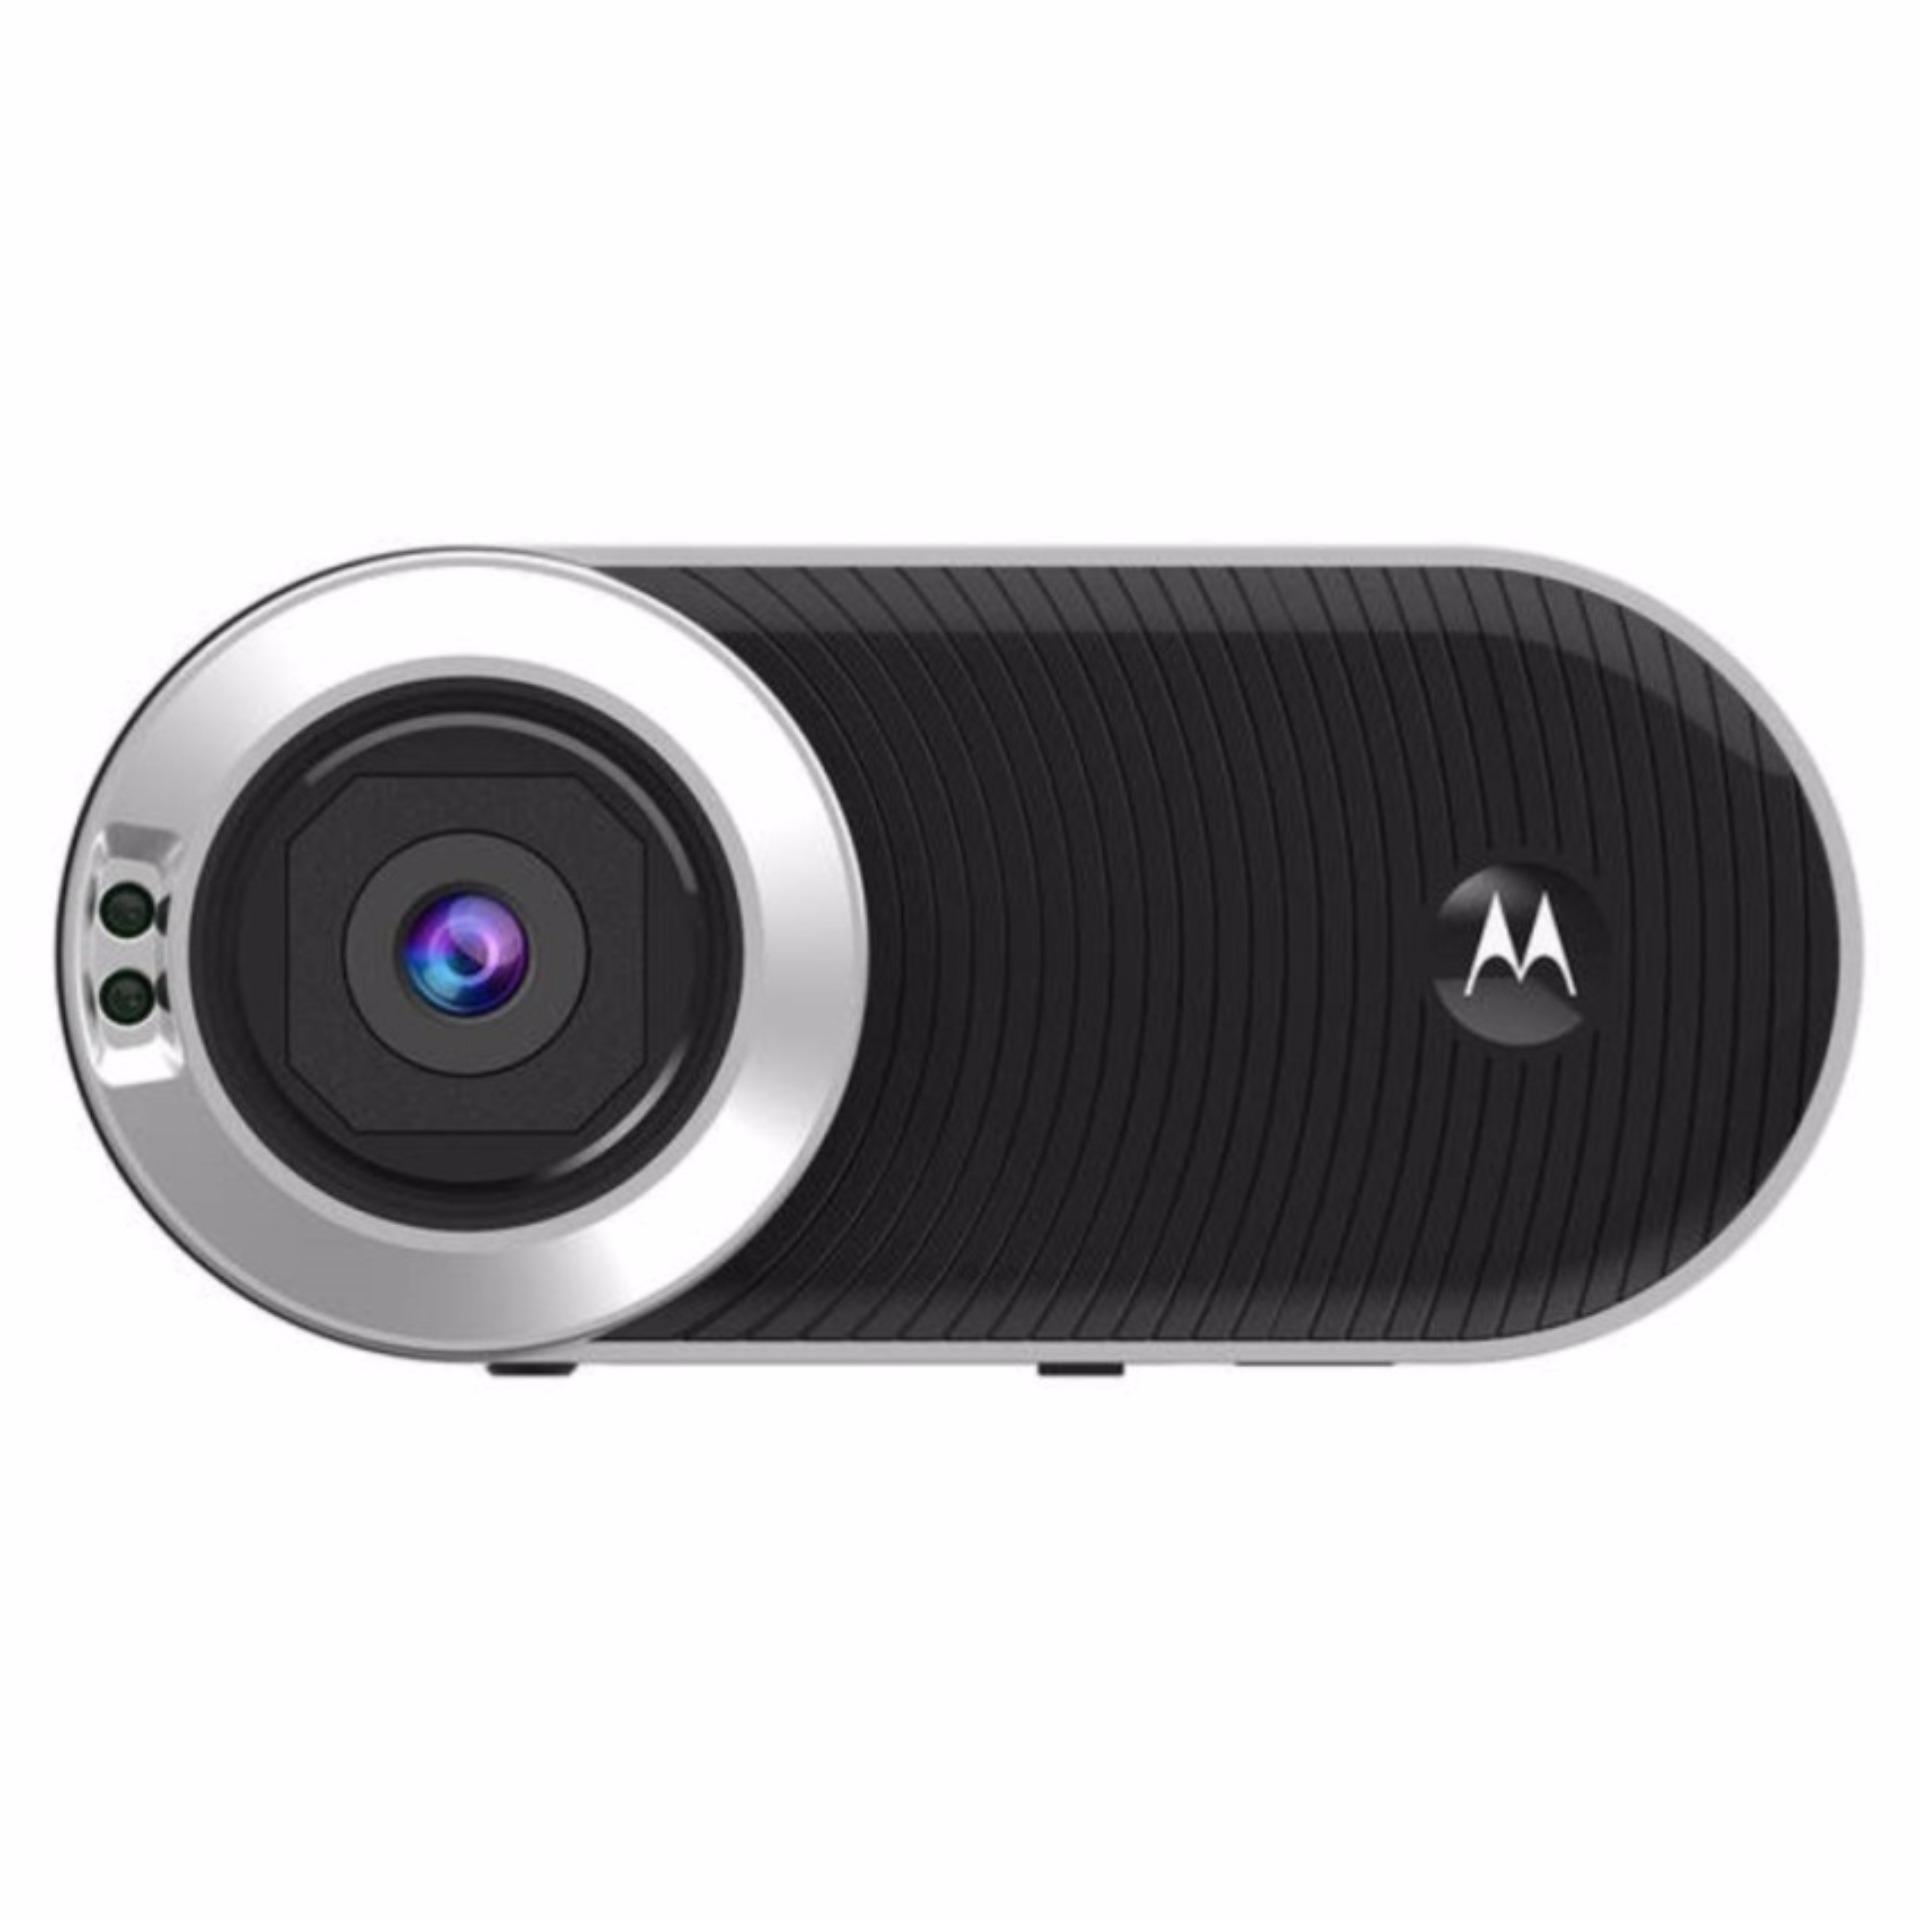 Motorola Dashboard Camera MDC100 FULL HD1080P-Black 1 Year Warranty